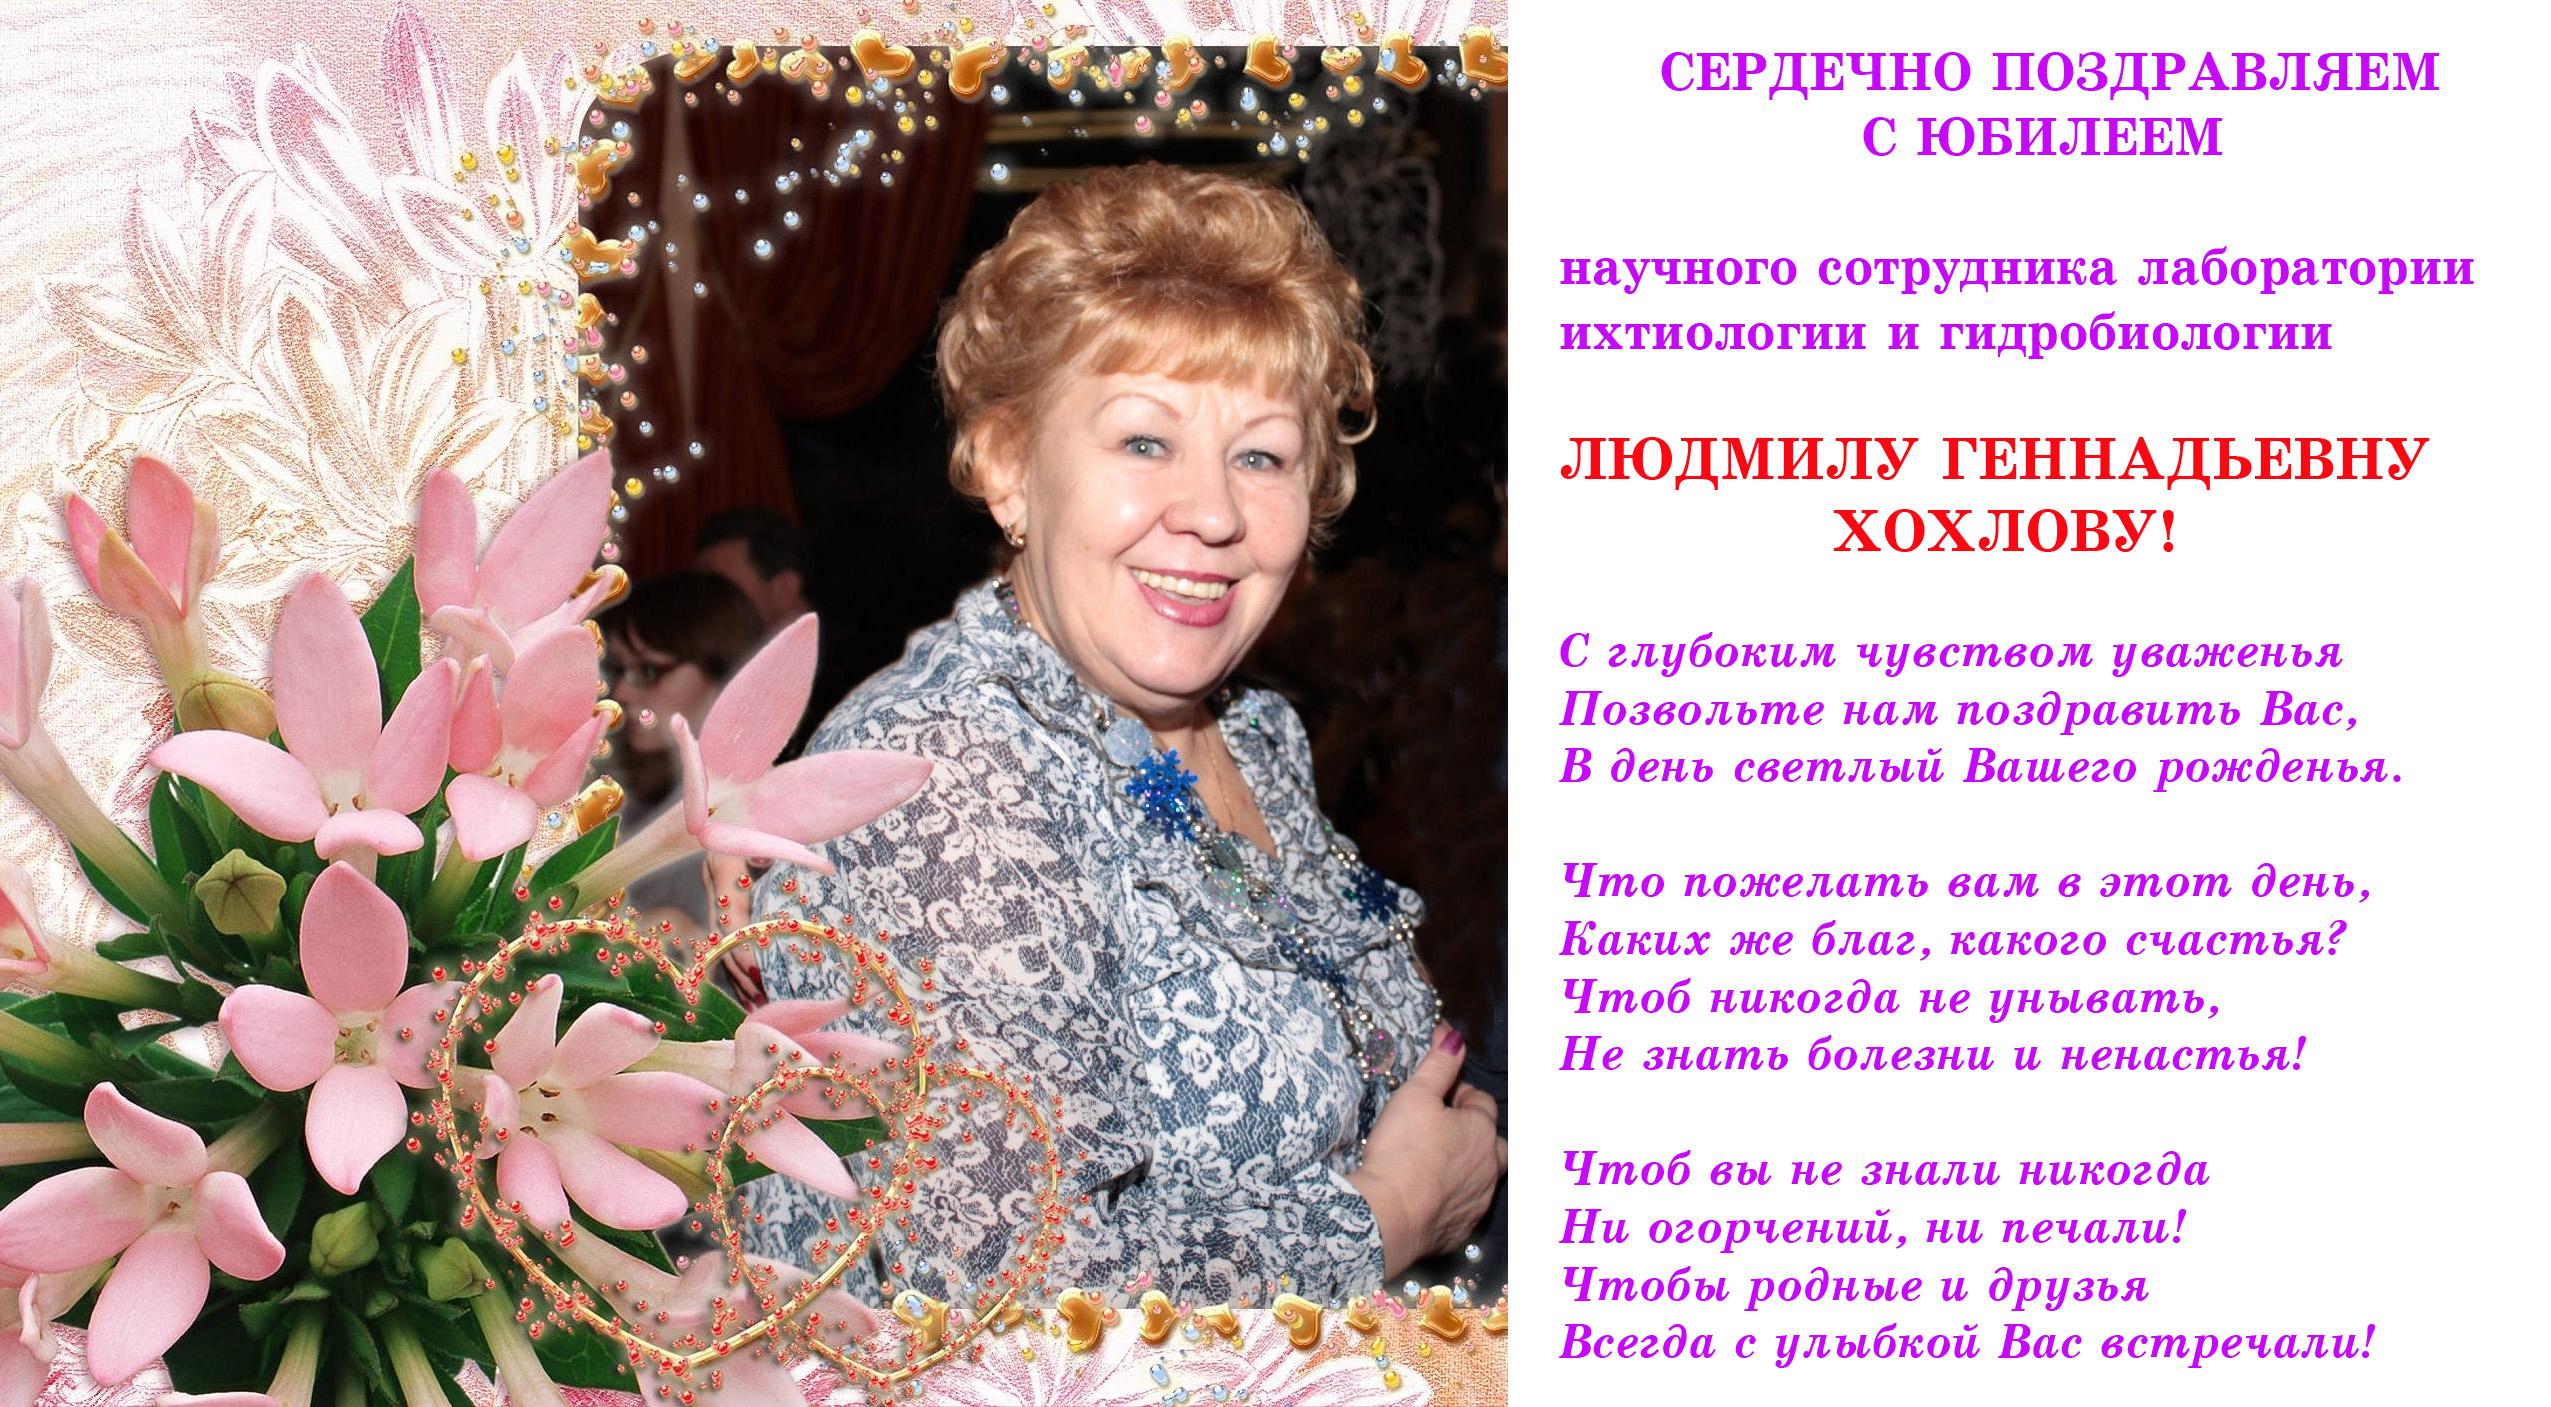 Объявление поздравления юбилея